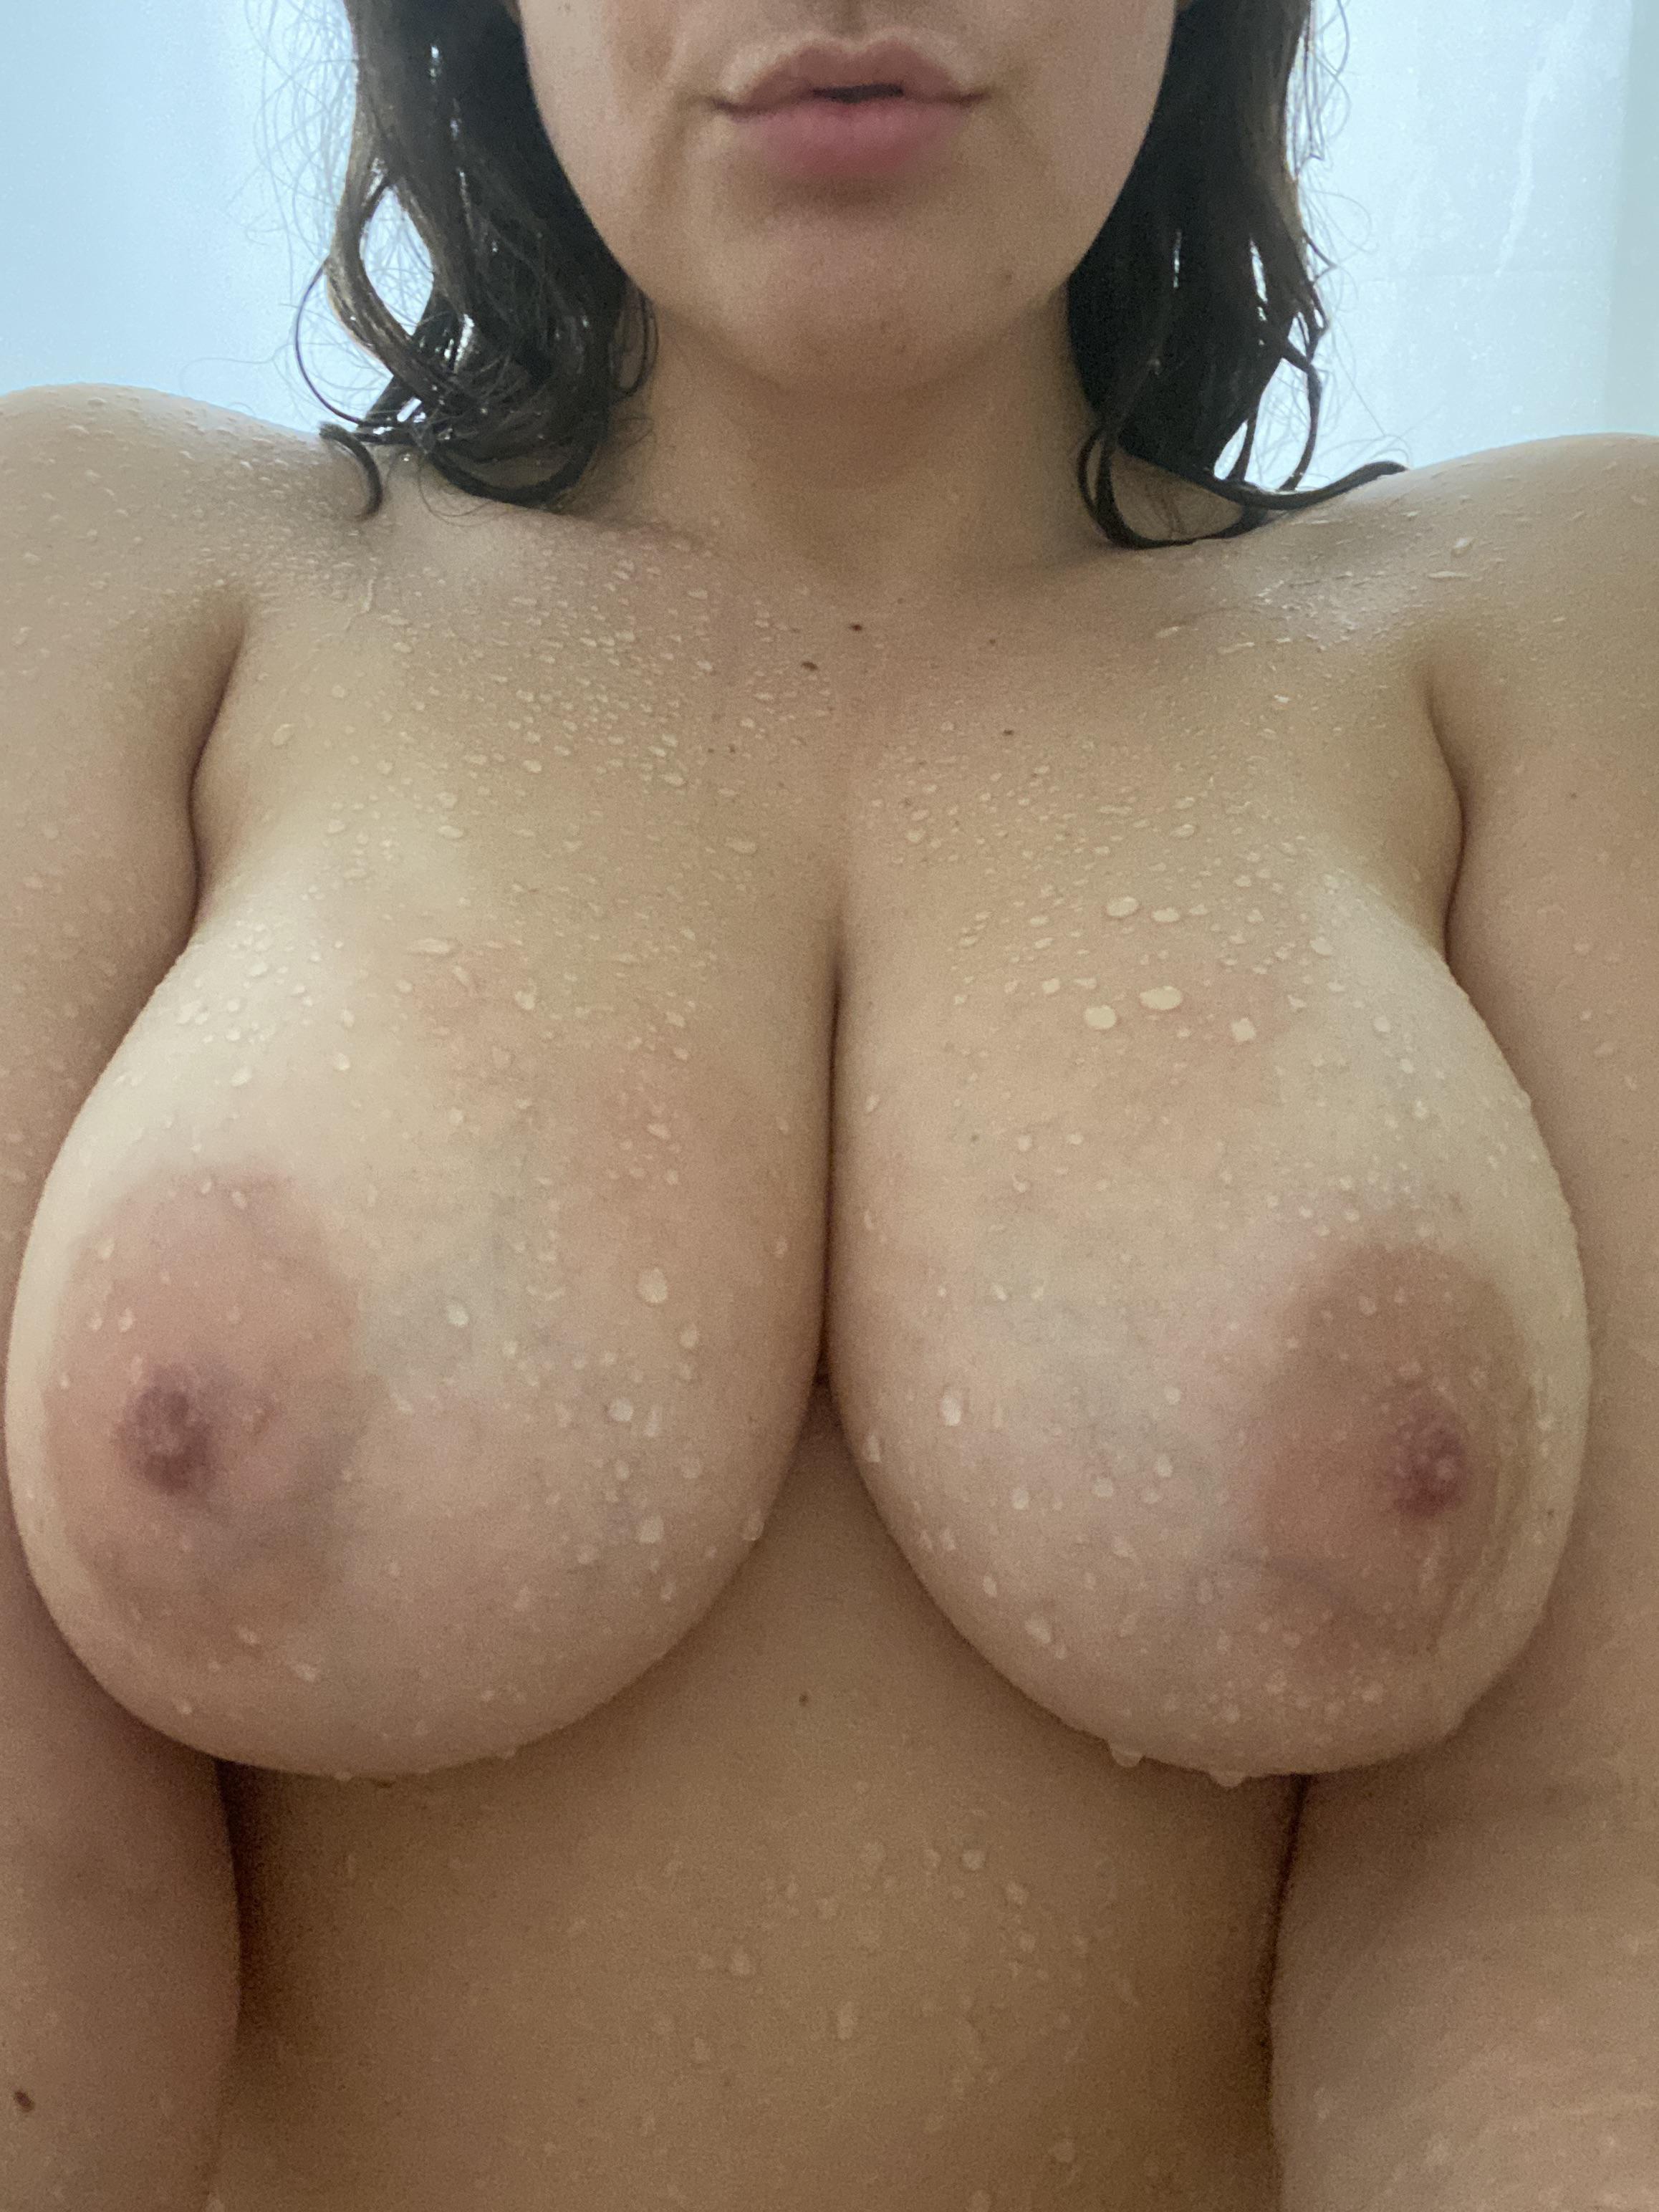 imagens de seios femininos